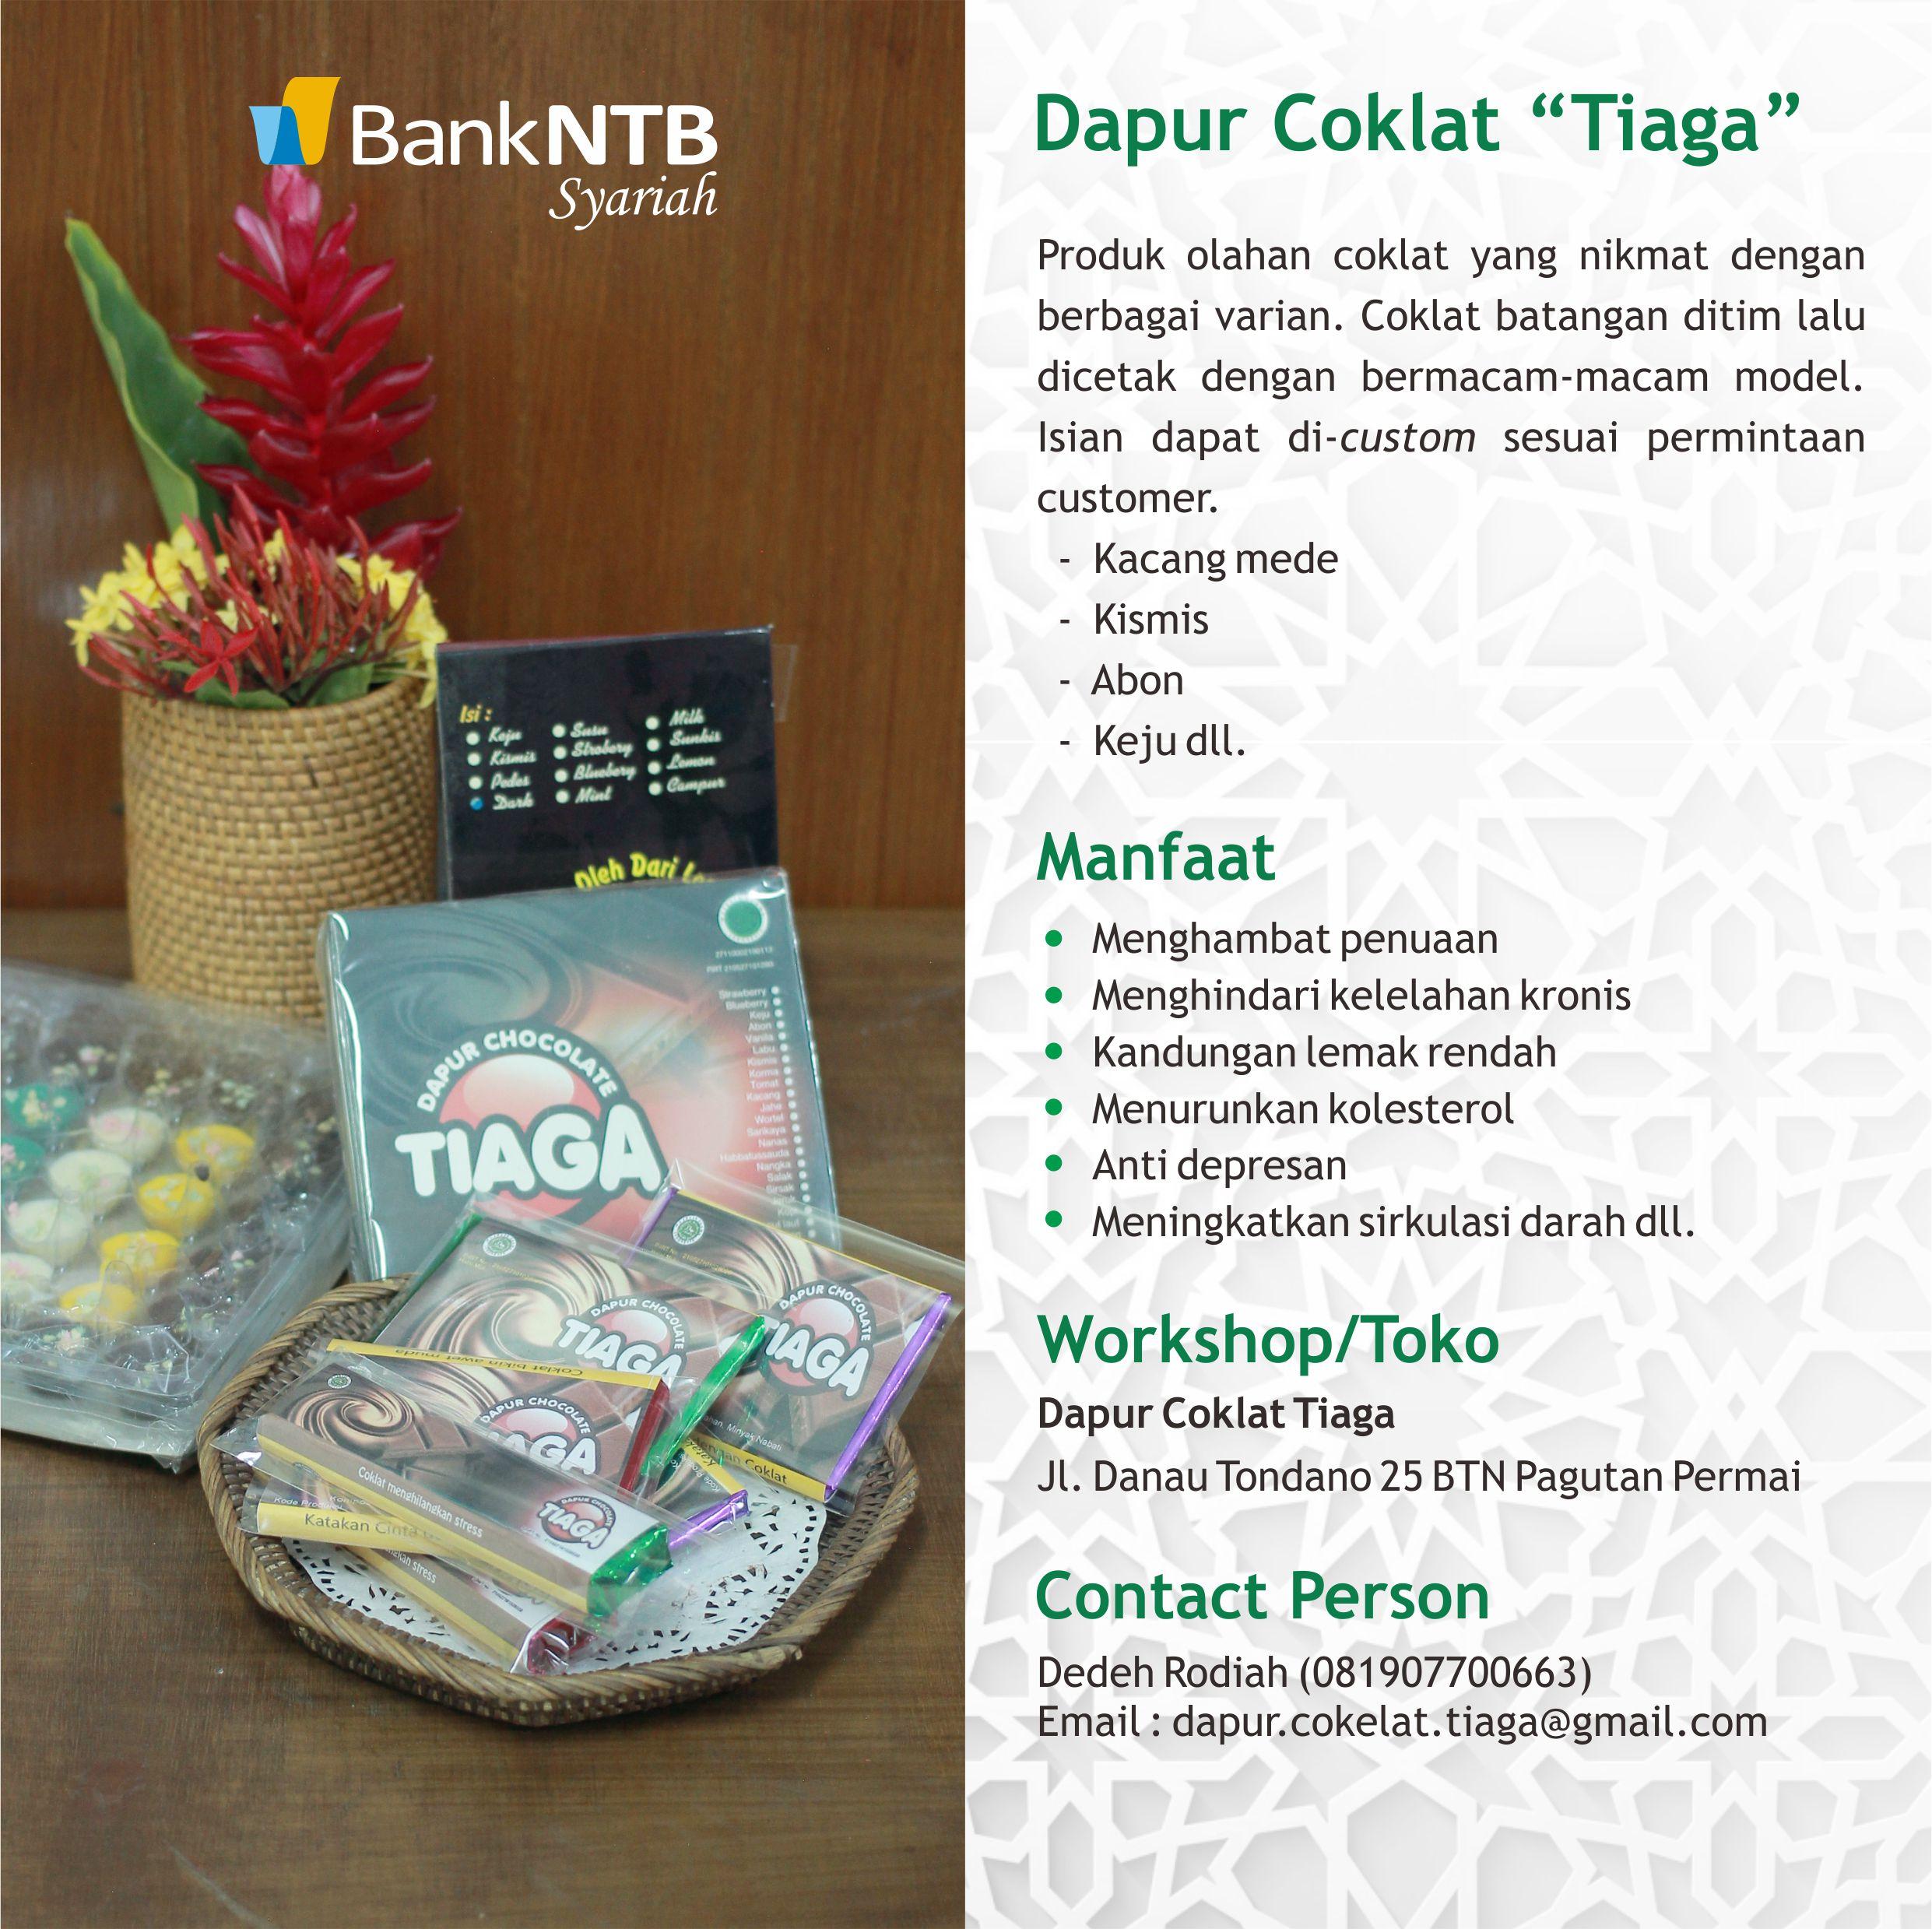 Dapur_Coklat_Tiaga